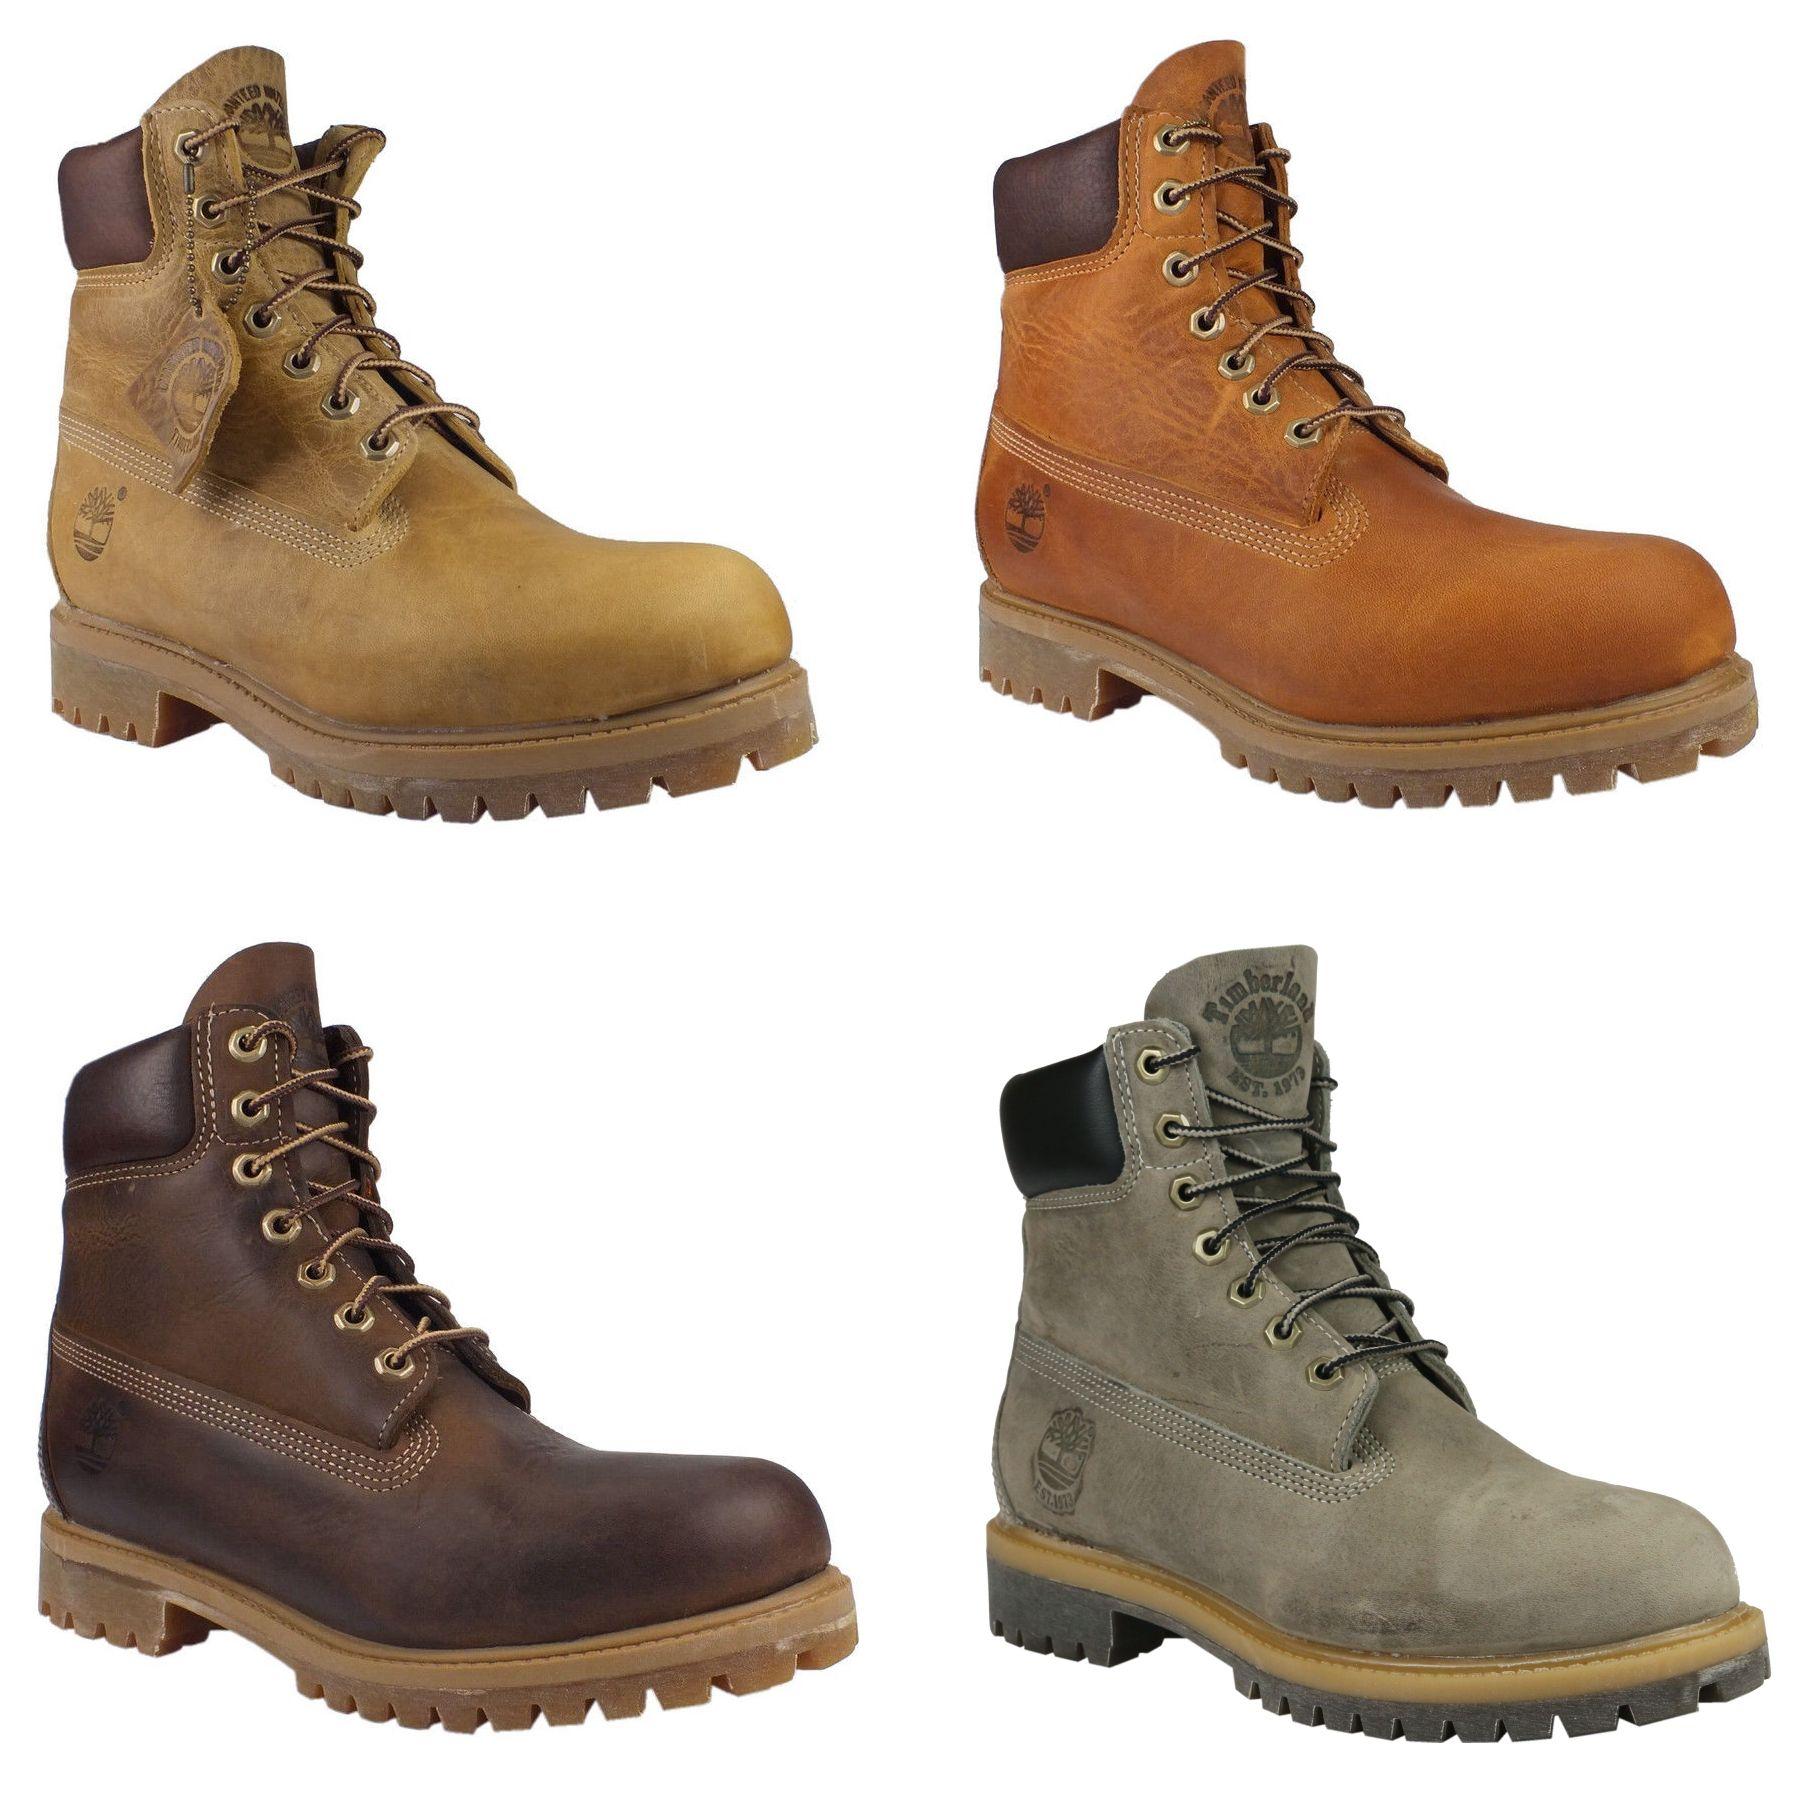 Timberland Boots Alle Farben counter-fuchs.de